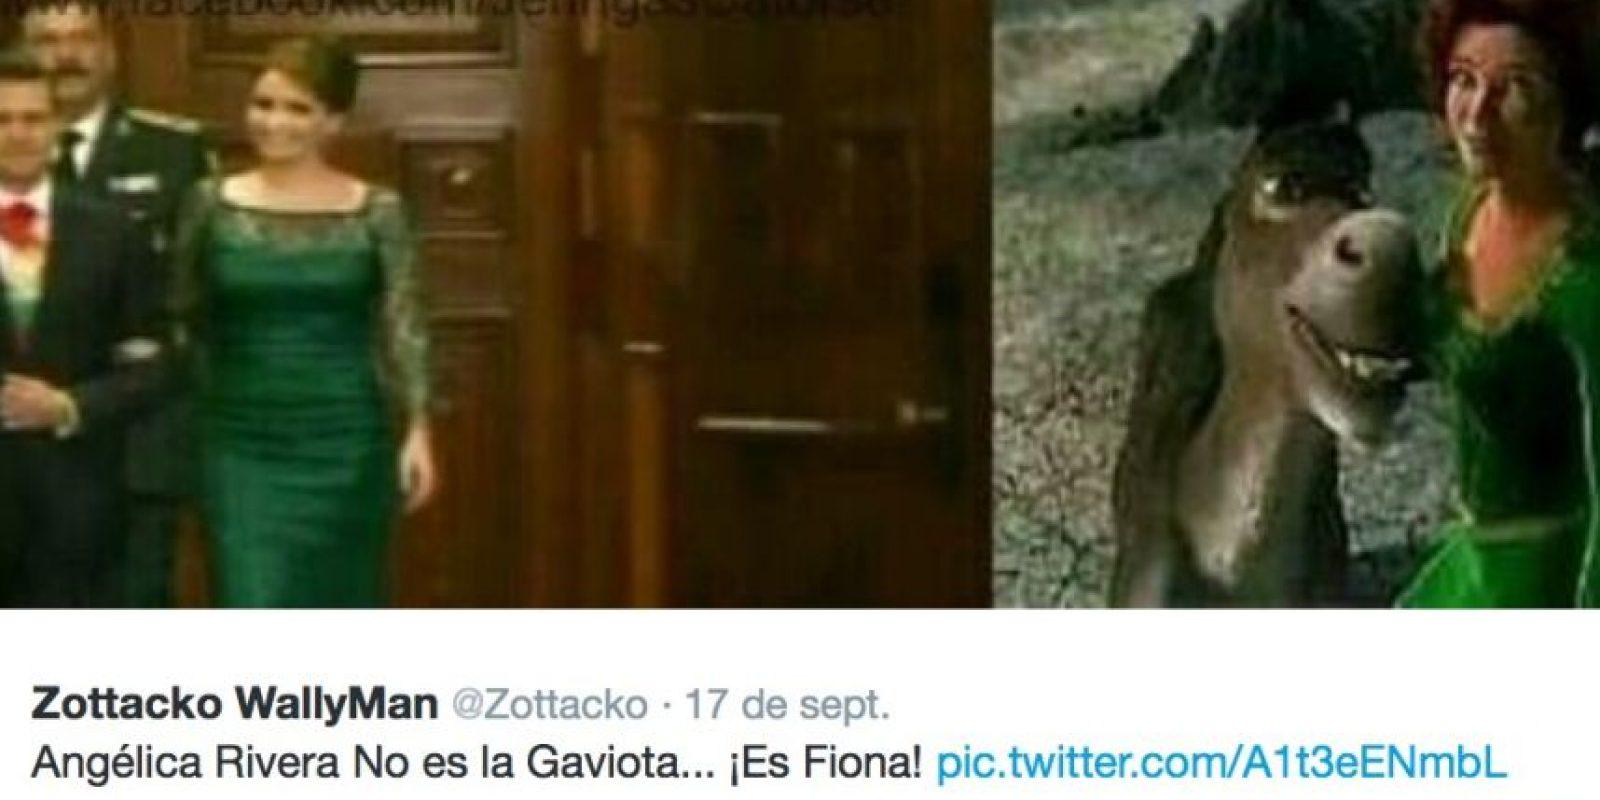 """La llamaron """"Fiona"""" por su vestido verde el año pasado. Foto:Twitter"""